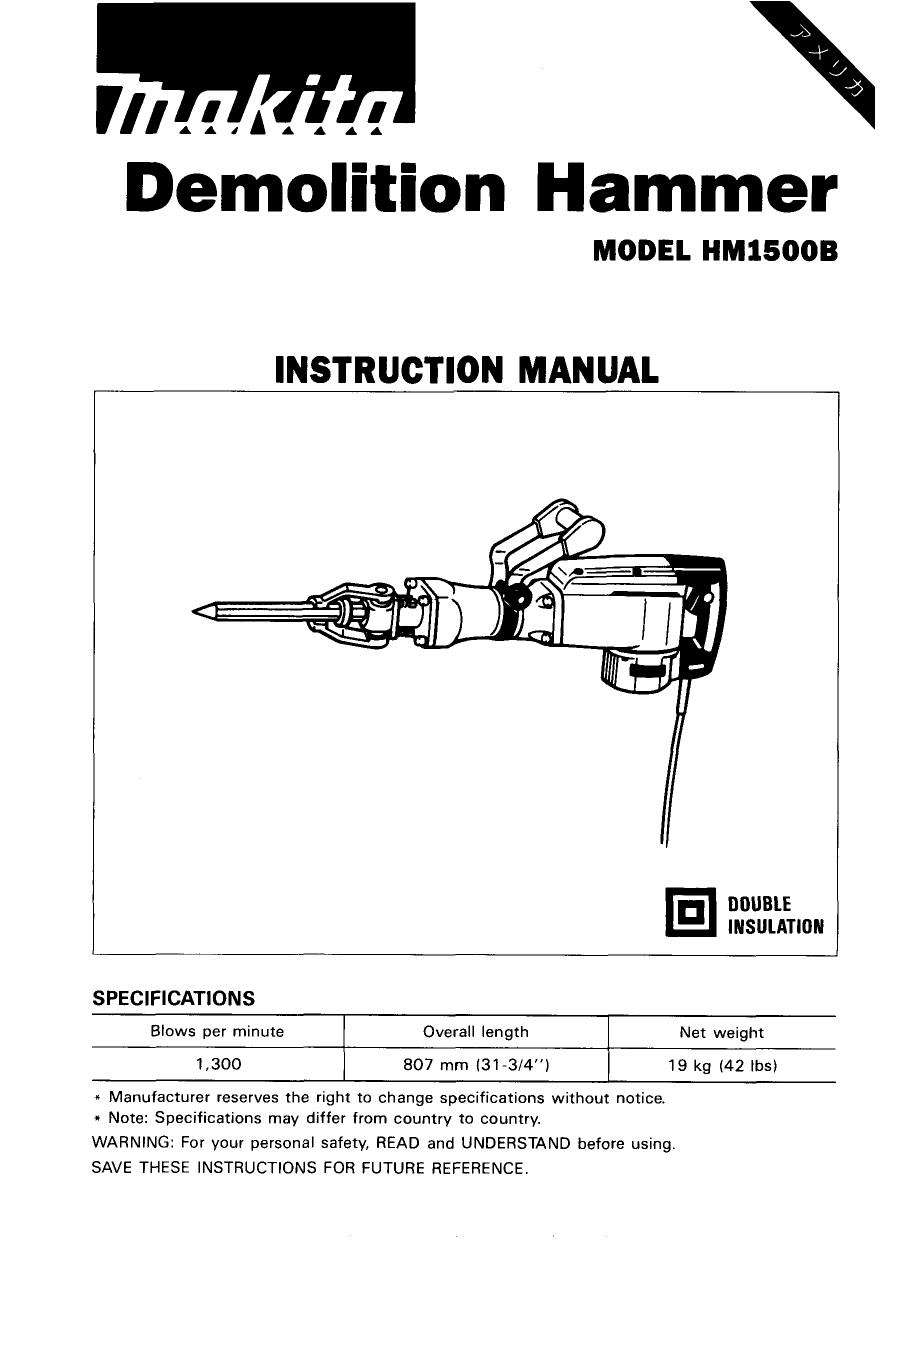 Demolition Hammer | manualzz.com on makita hammer grease, makita hm1500b, makita jack hammer, makita demo hammer parts,